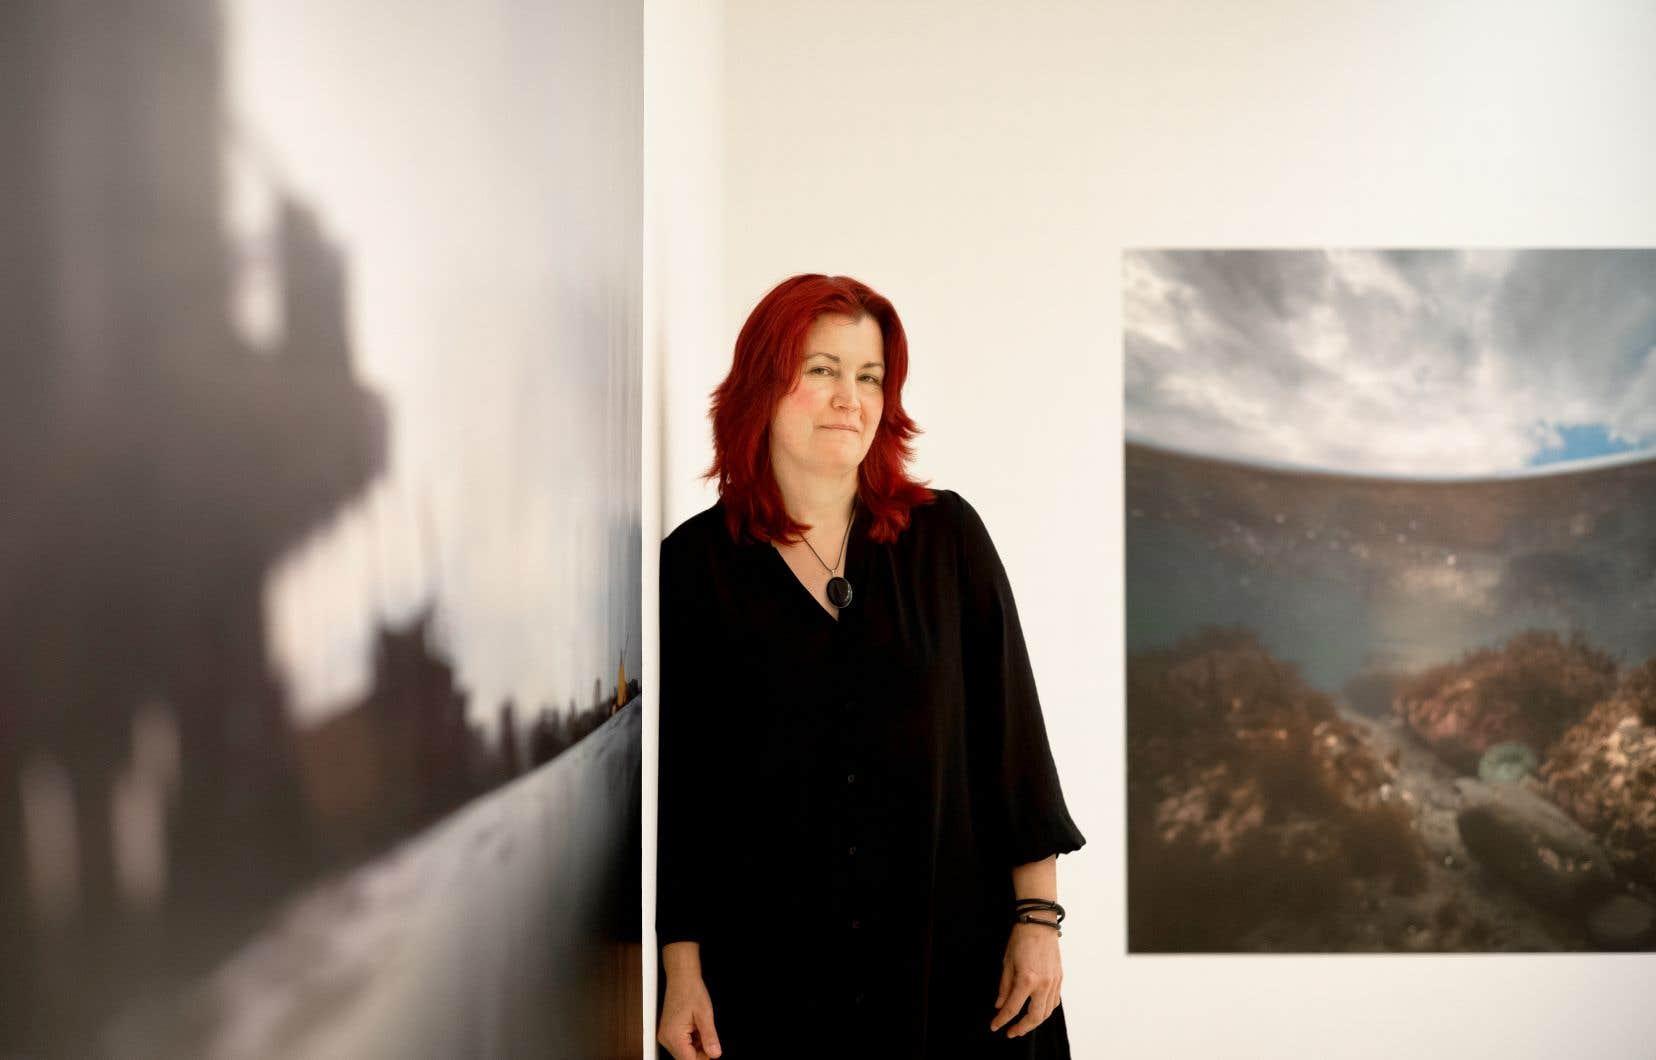 Isabelle Hayeur, qui puise ses sujets dans son vécu, a grandi sur le bord de la rivière des Mille-Îles, «un égout à ciel ouvert» à ses yeux. «Tu ne vois pas tes pieds à trois pieds de profondeur.»